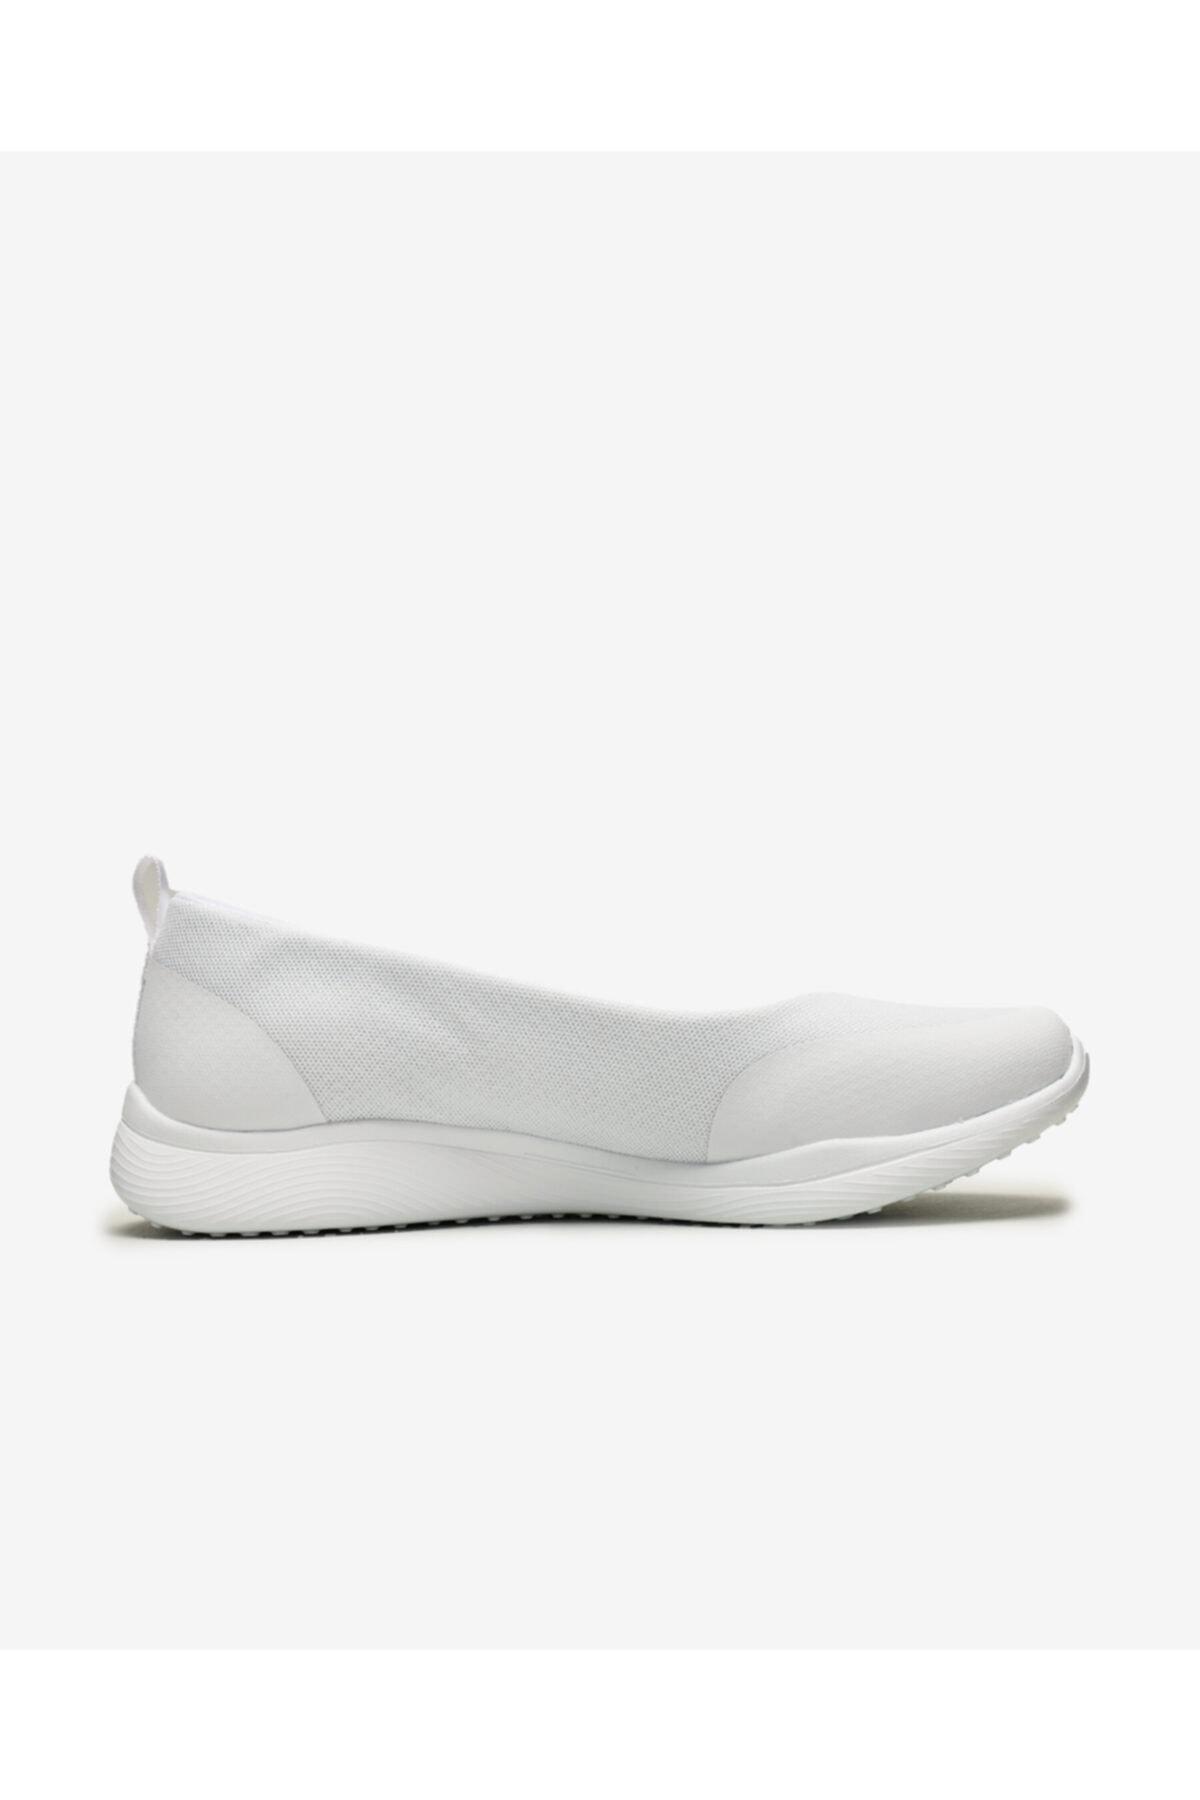 SKECHERS MICROBURST 2.0 Kadın Beyaz Günlük Ayakkabı 104081 WHT 1